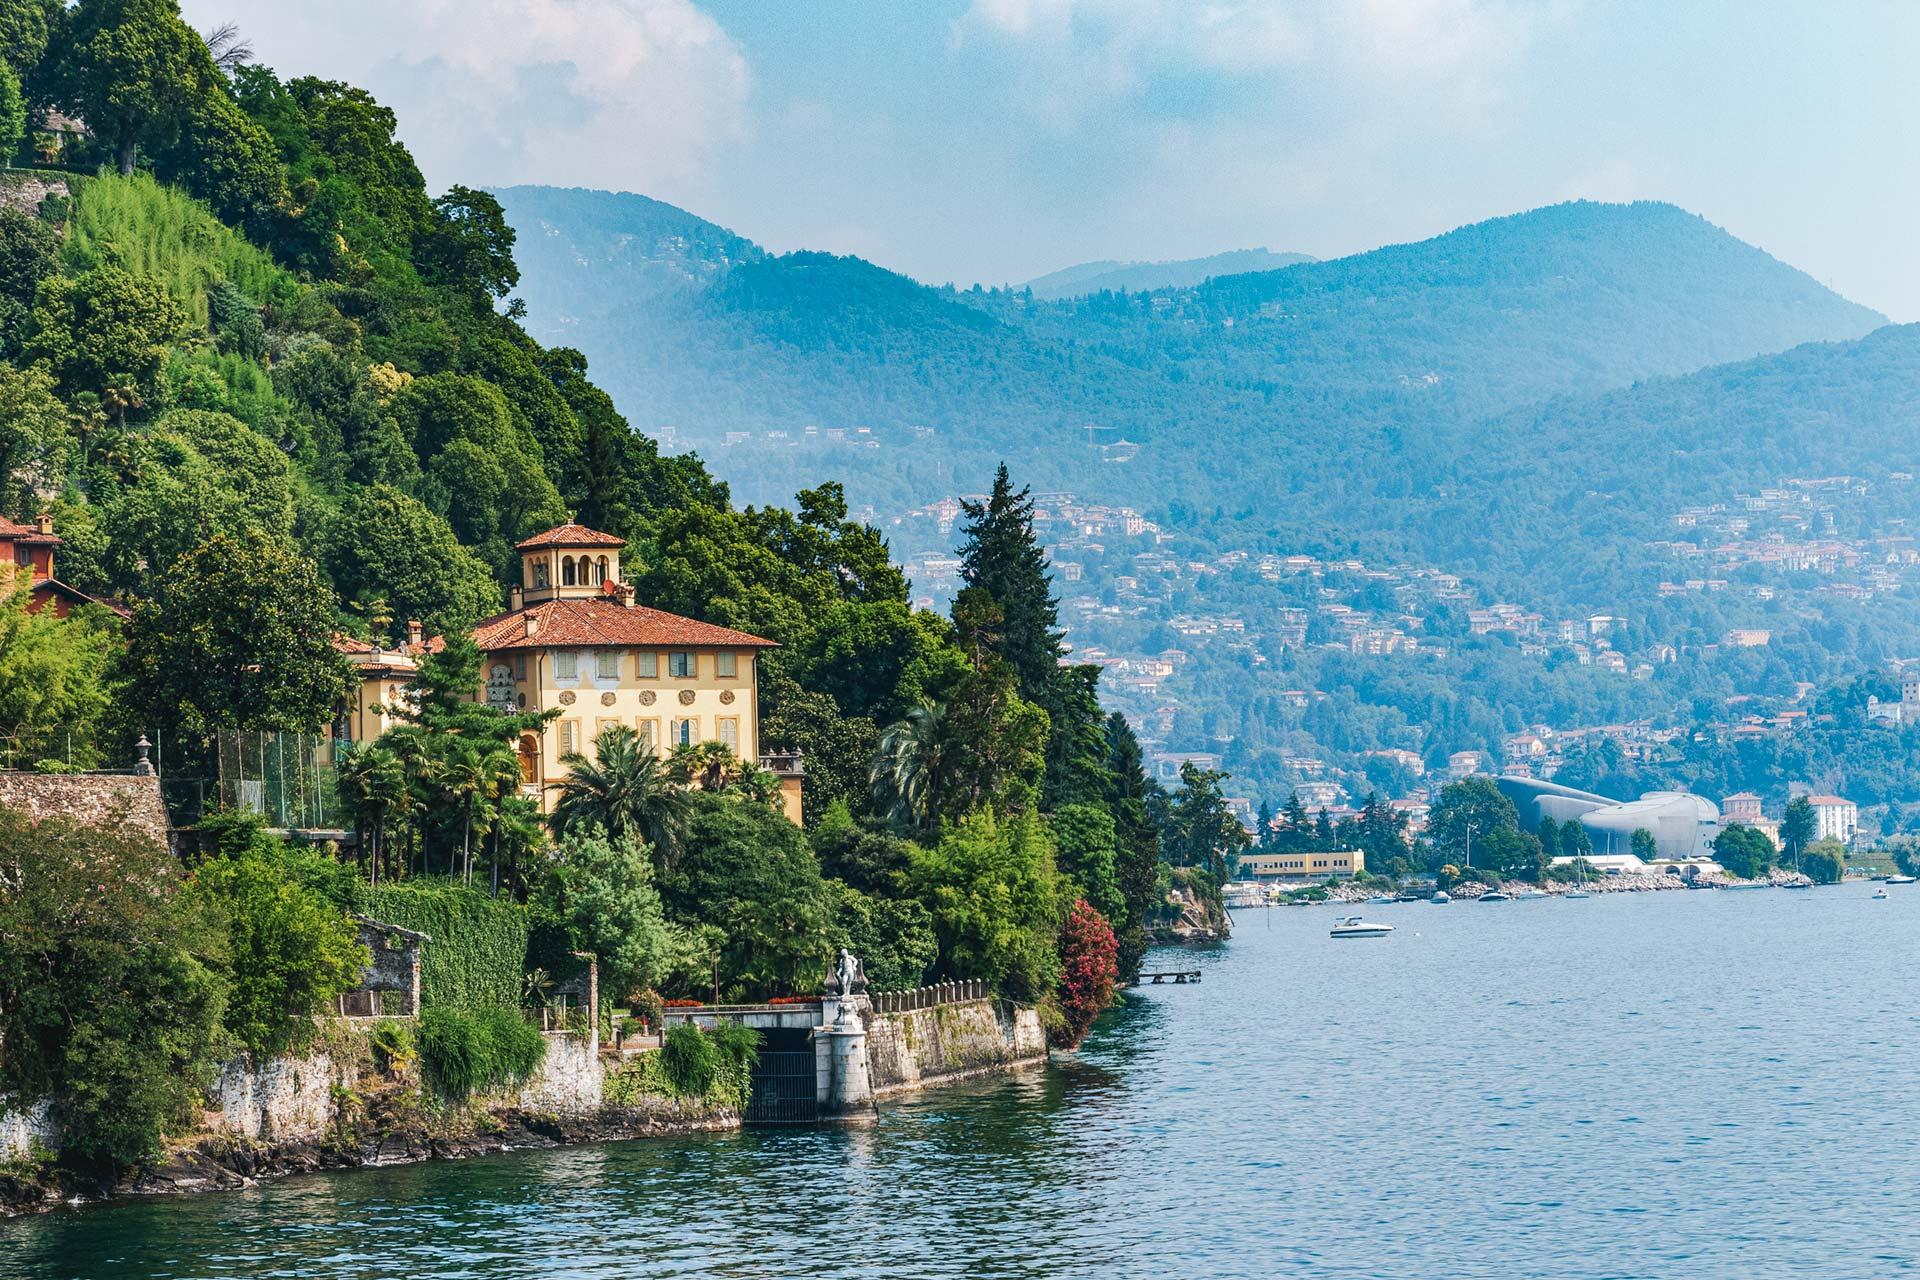 Entlang des Westufers in Richtung Villa Taranto zeigt sich Adel und Prominenz